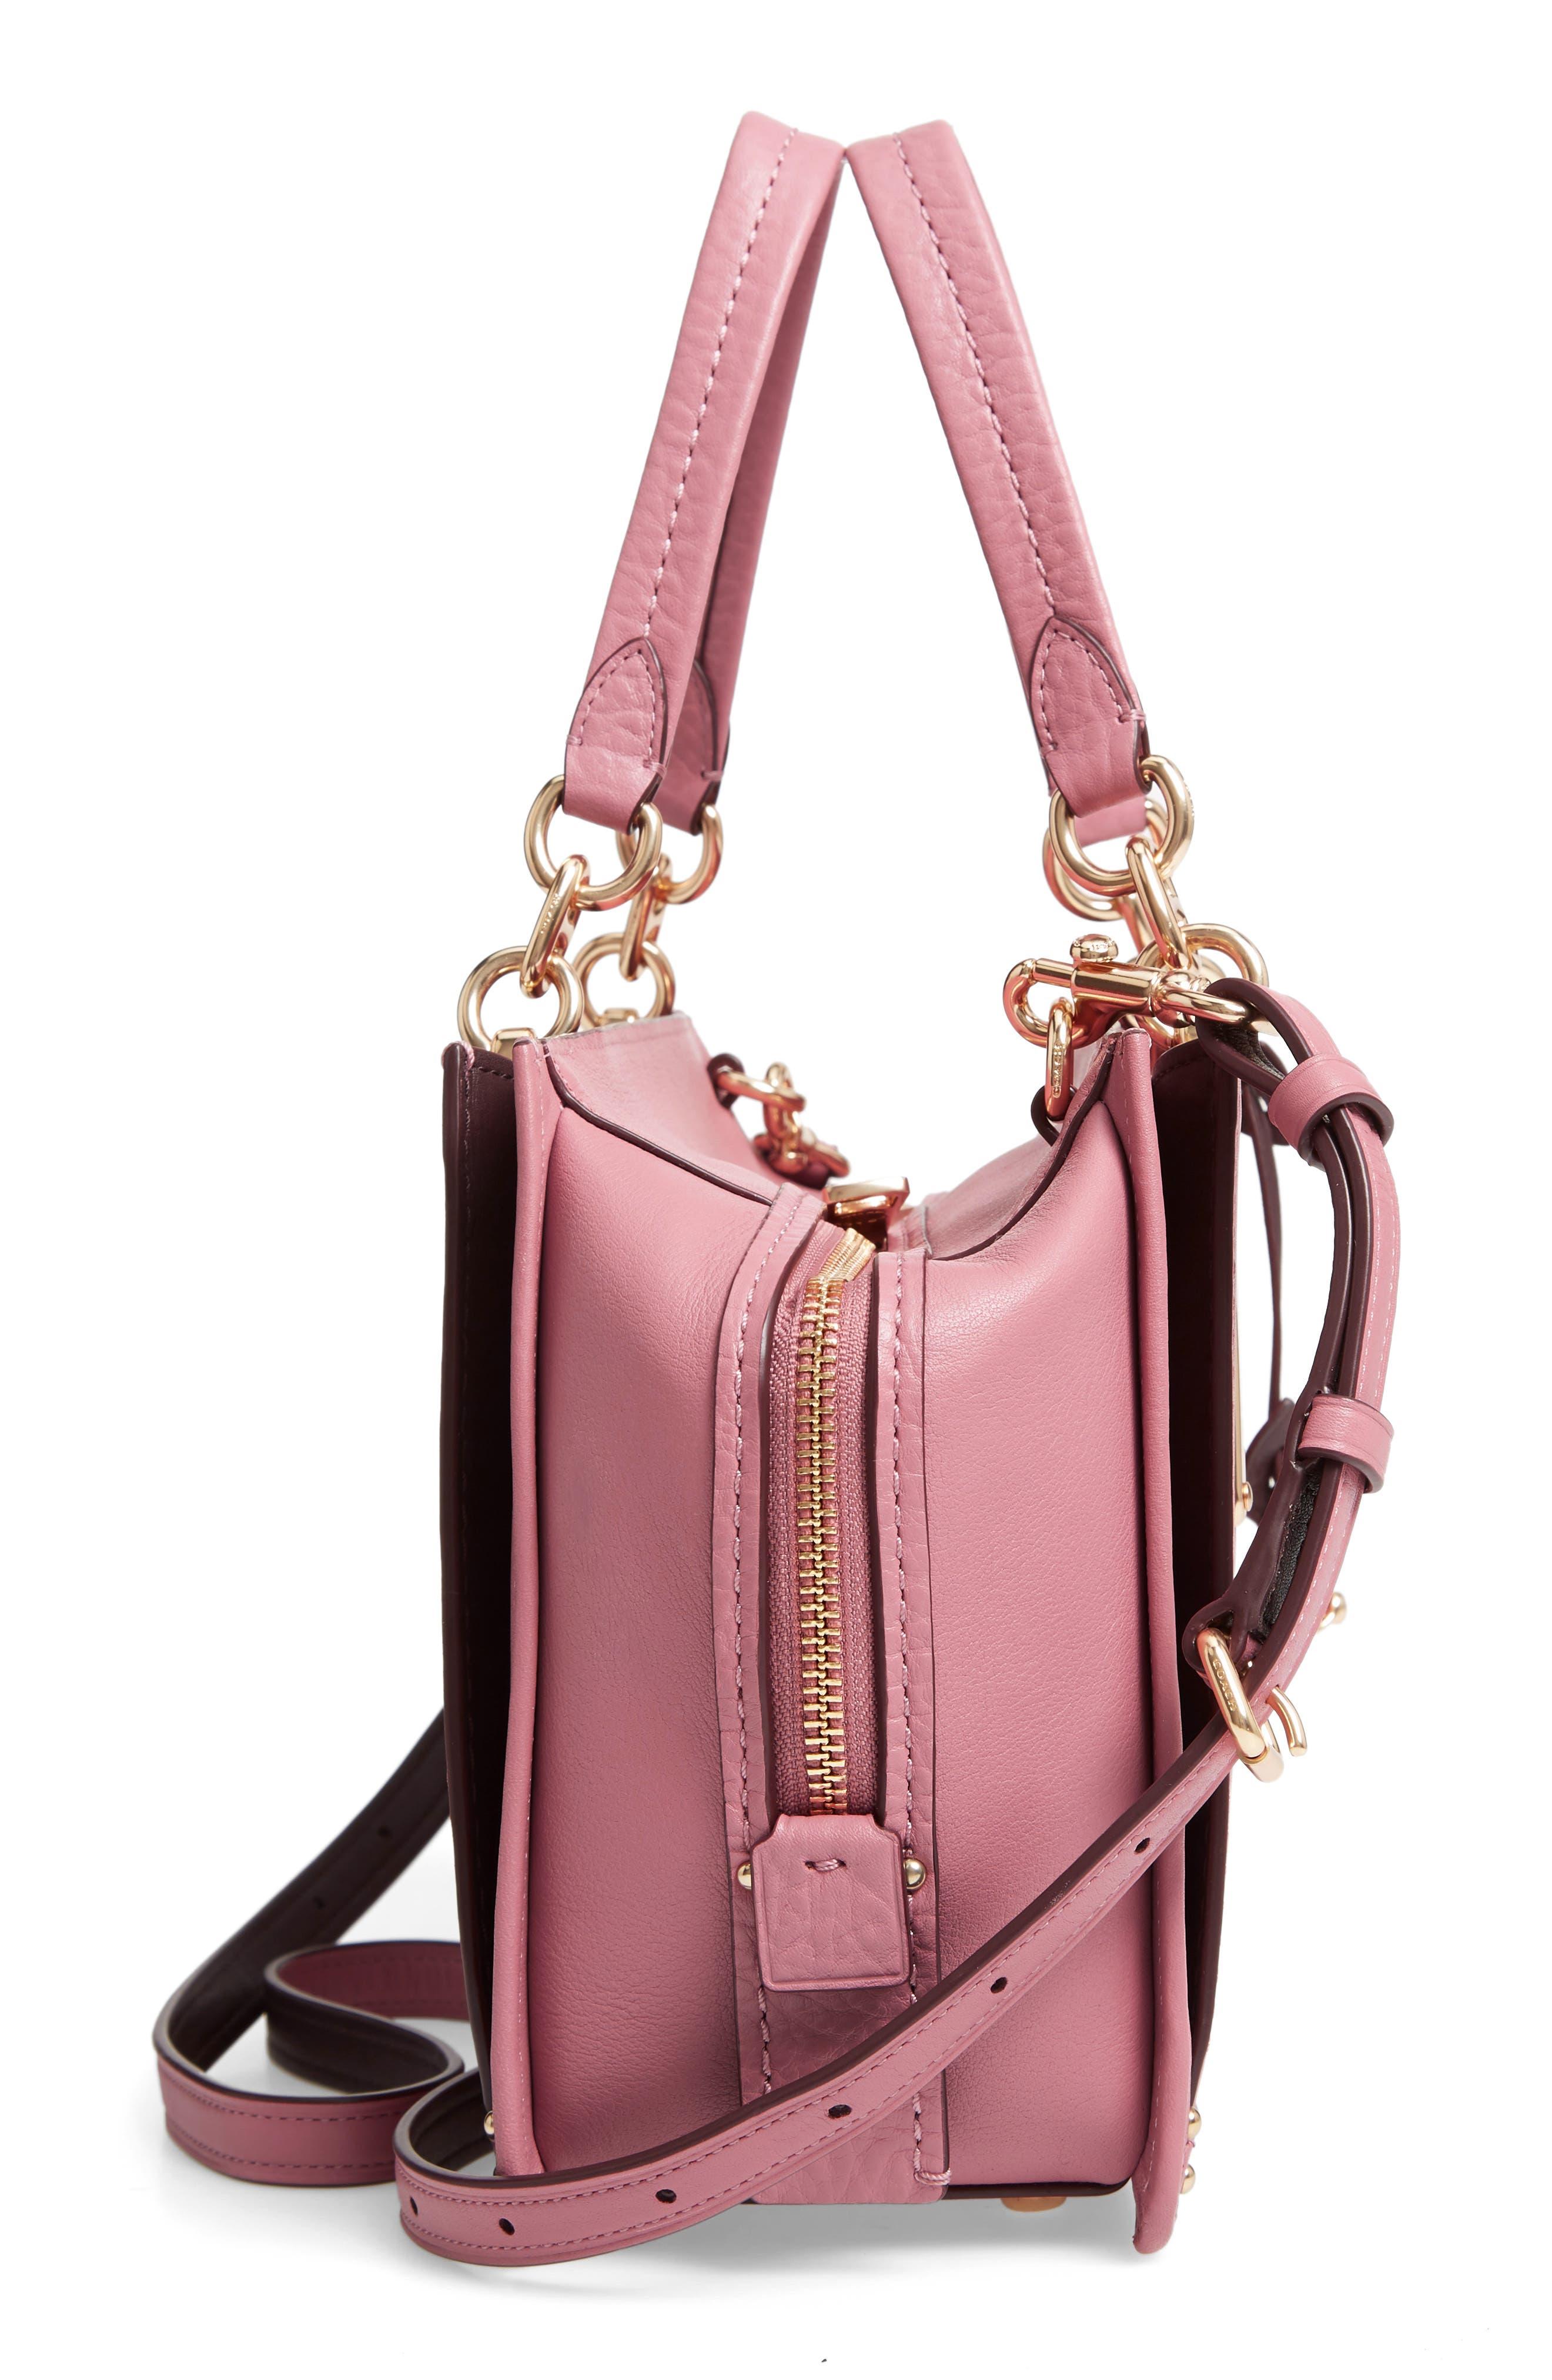 Dreamer Leather Handbag,                             Alternate thumbnail 5, color,                             ROSE MULTI